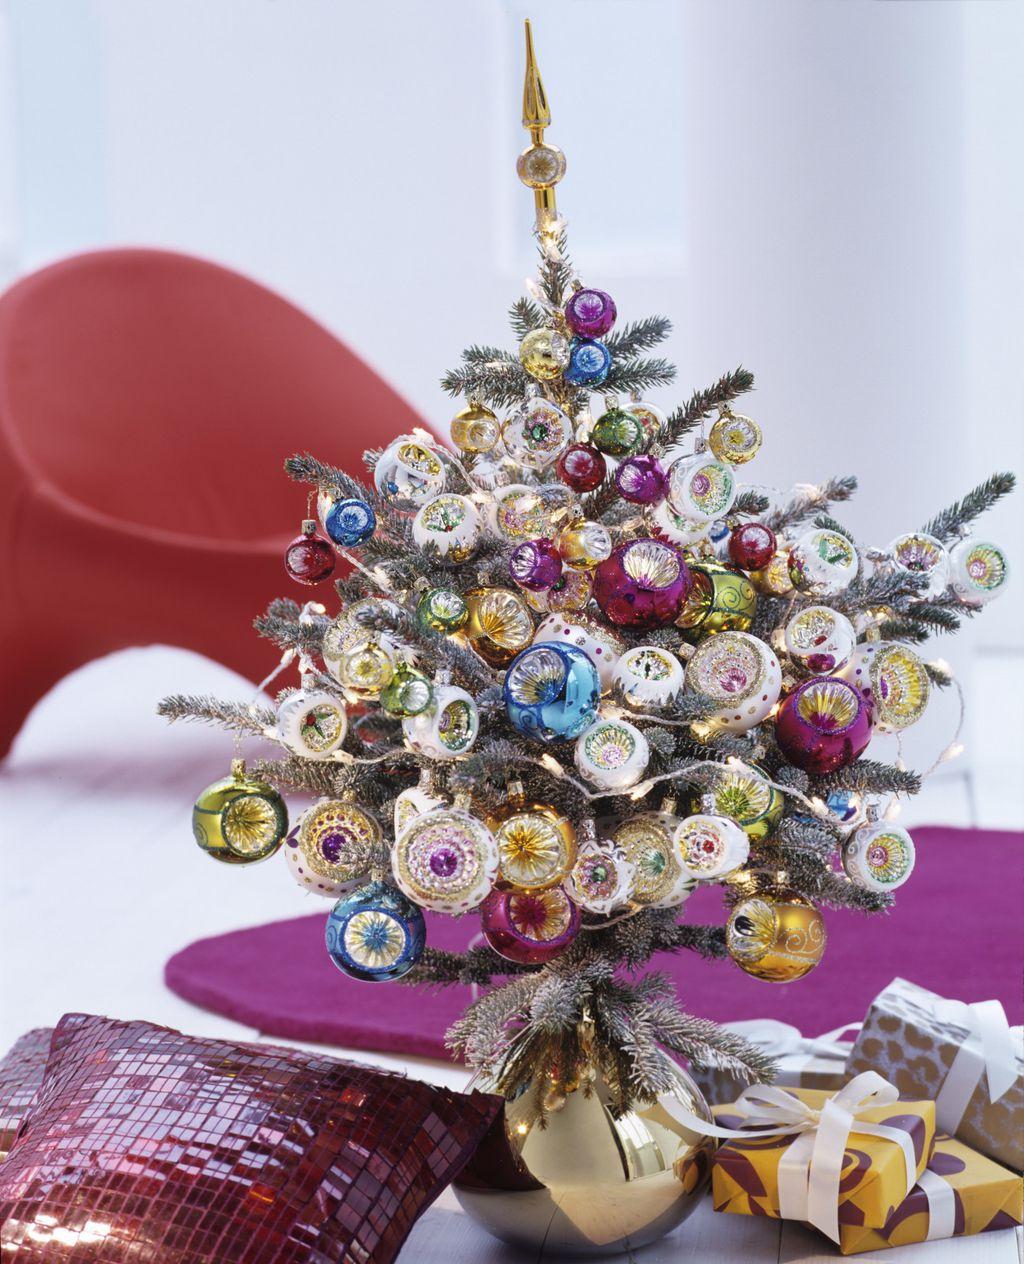 Trendovi u ukrašavanju koji će vladati ovoga Božića - 5